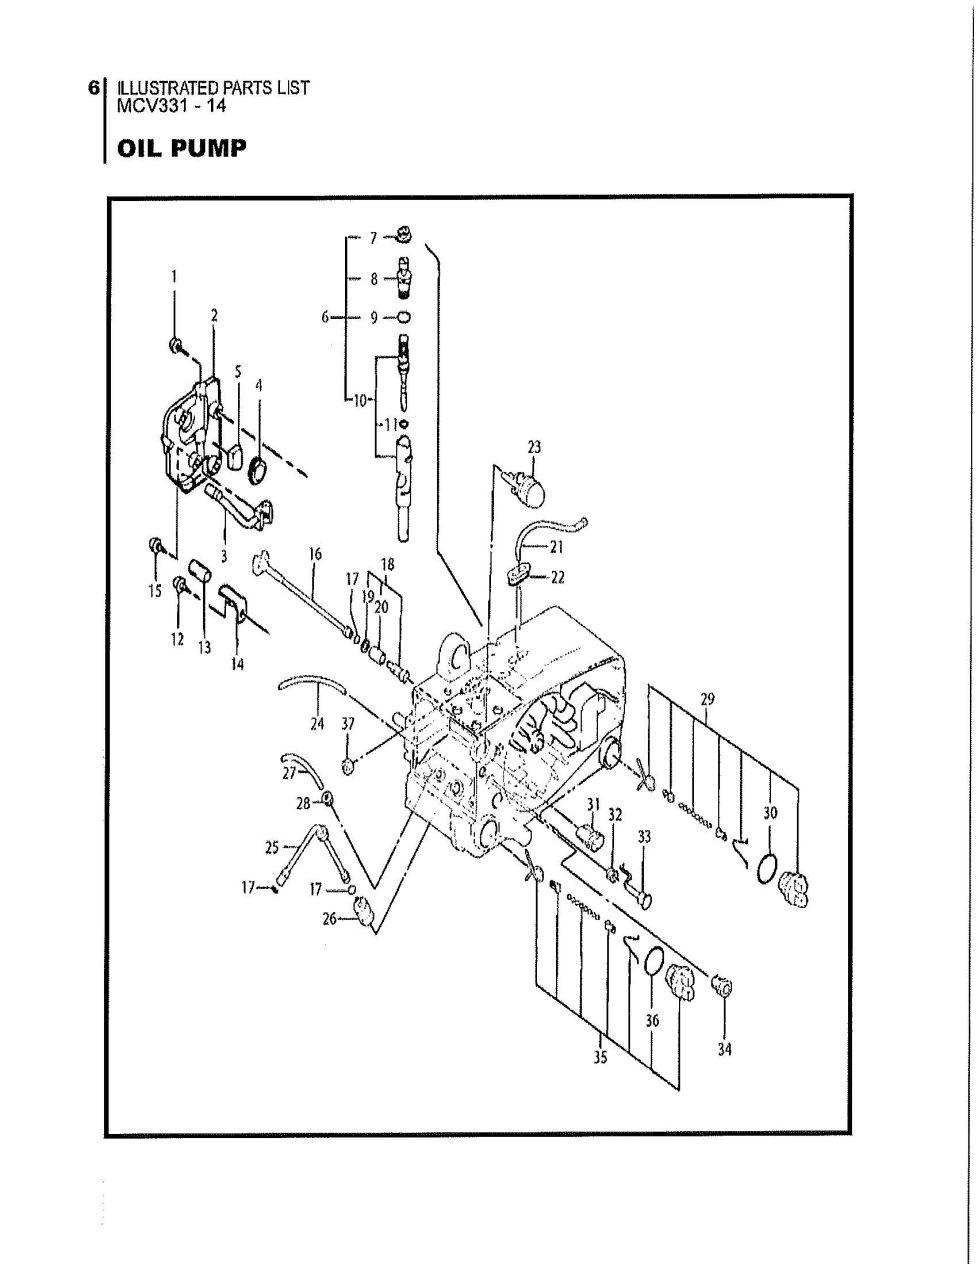 Maruyama Parts - MCV331-14 Oil Pump Diagrams. on